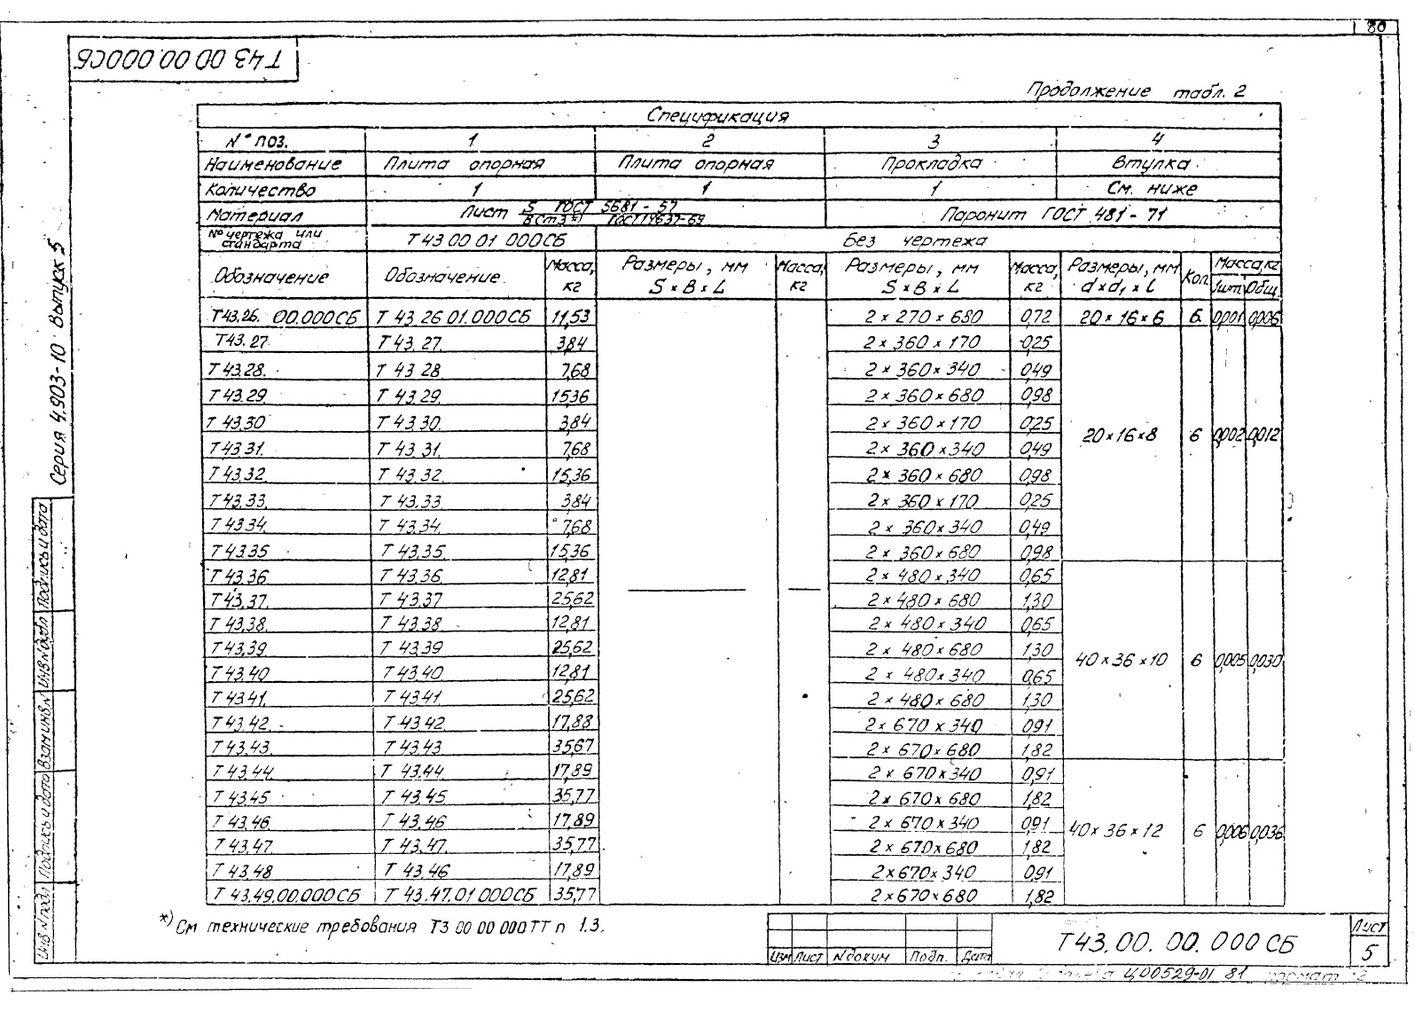 Плиты опорные с диэлектрической прокладкой Т43 серия 4.903-10 вып.5 стр.5